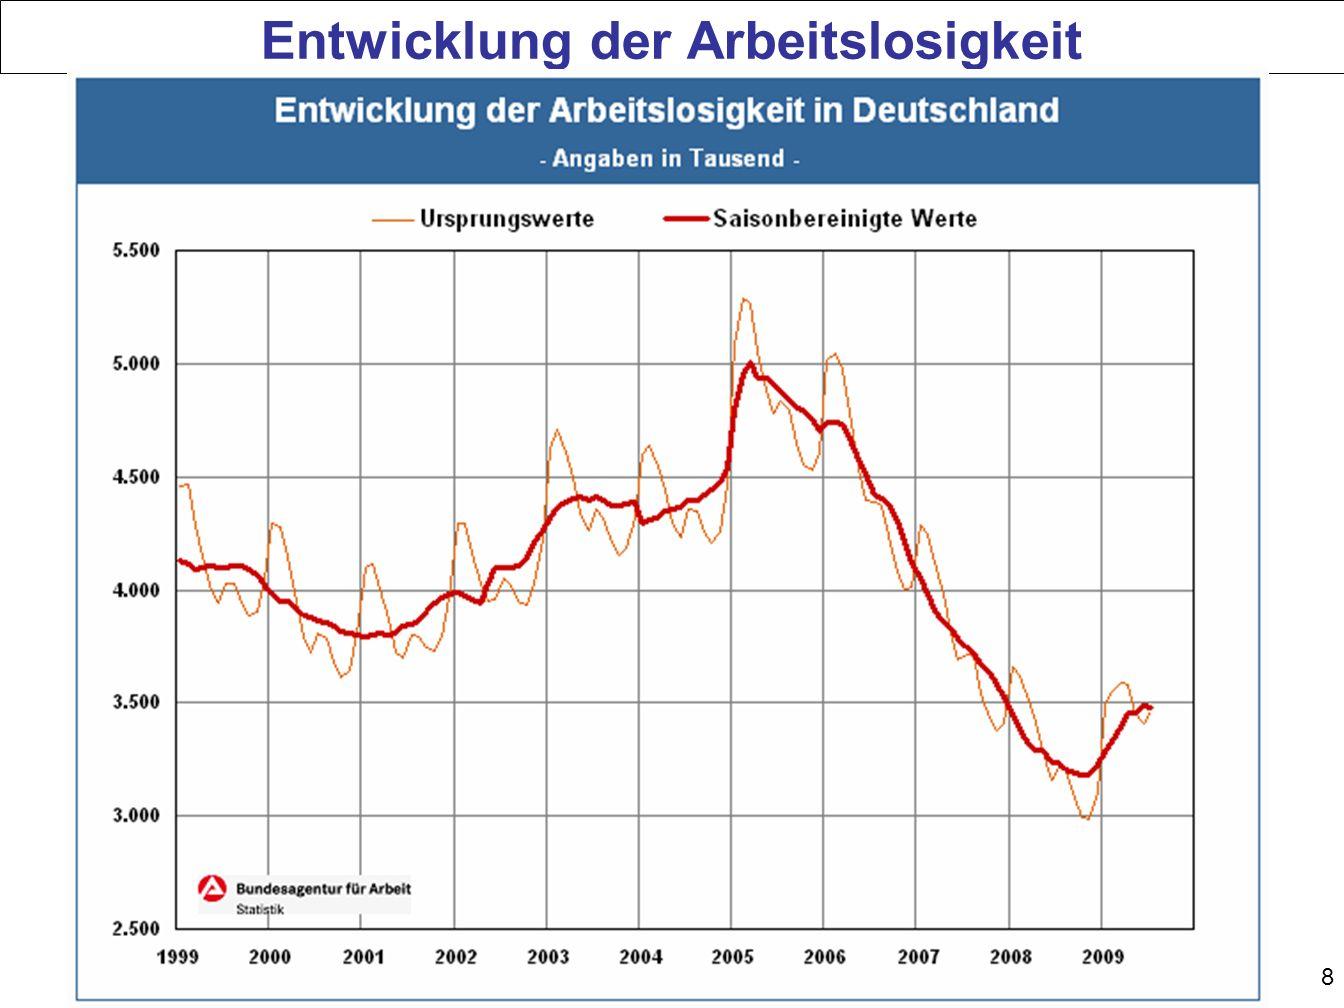 Entwicklung der Arbeitslosigkeit